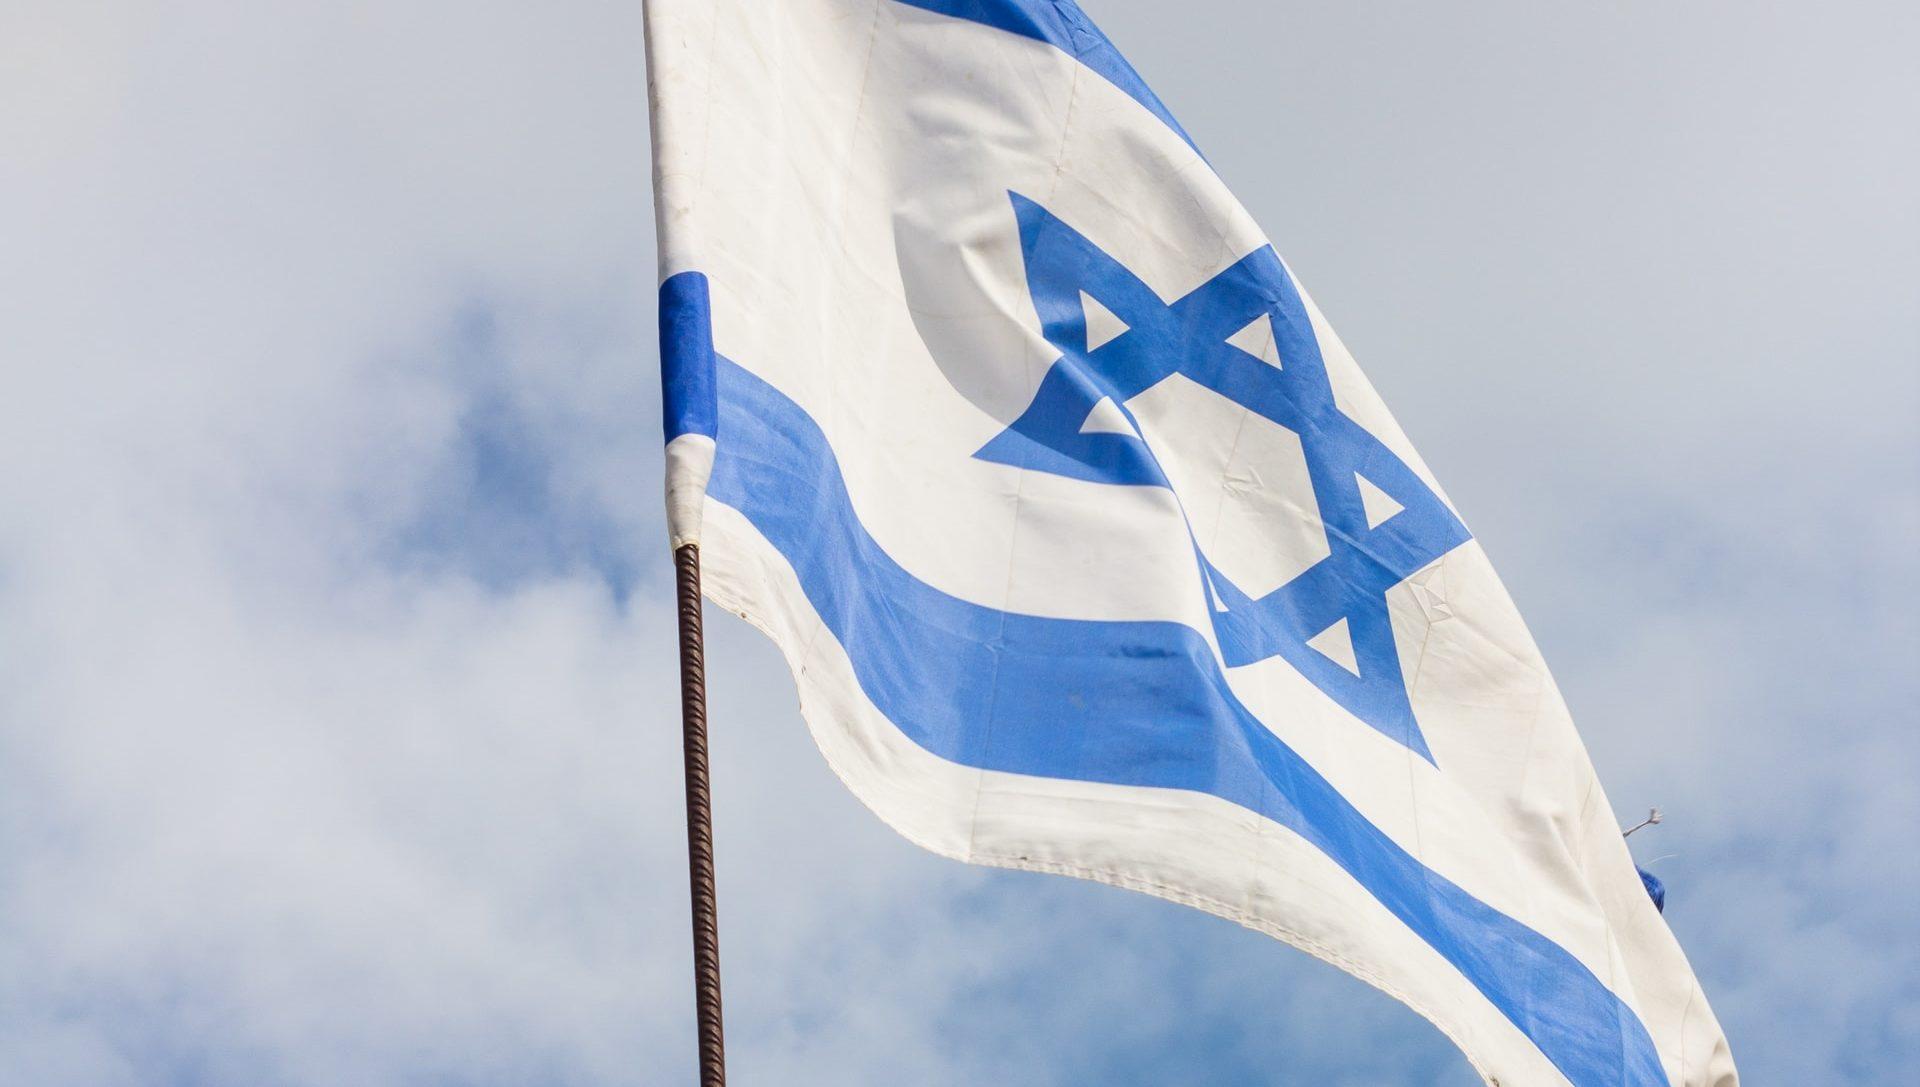 Israele e Danimarca vaccineranno tutti gli atleti, Ungheria e Belgio si accodano